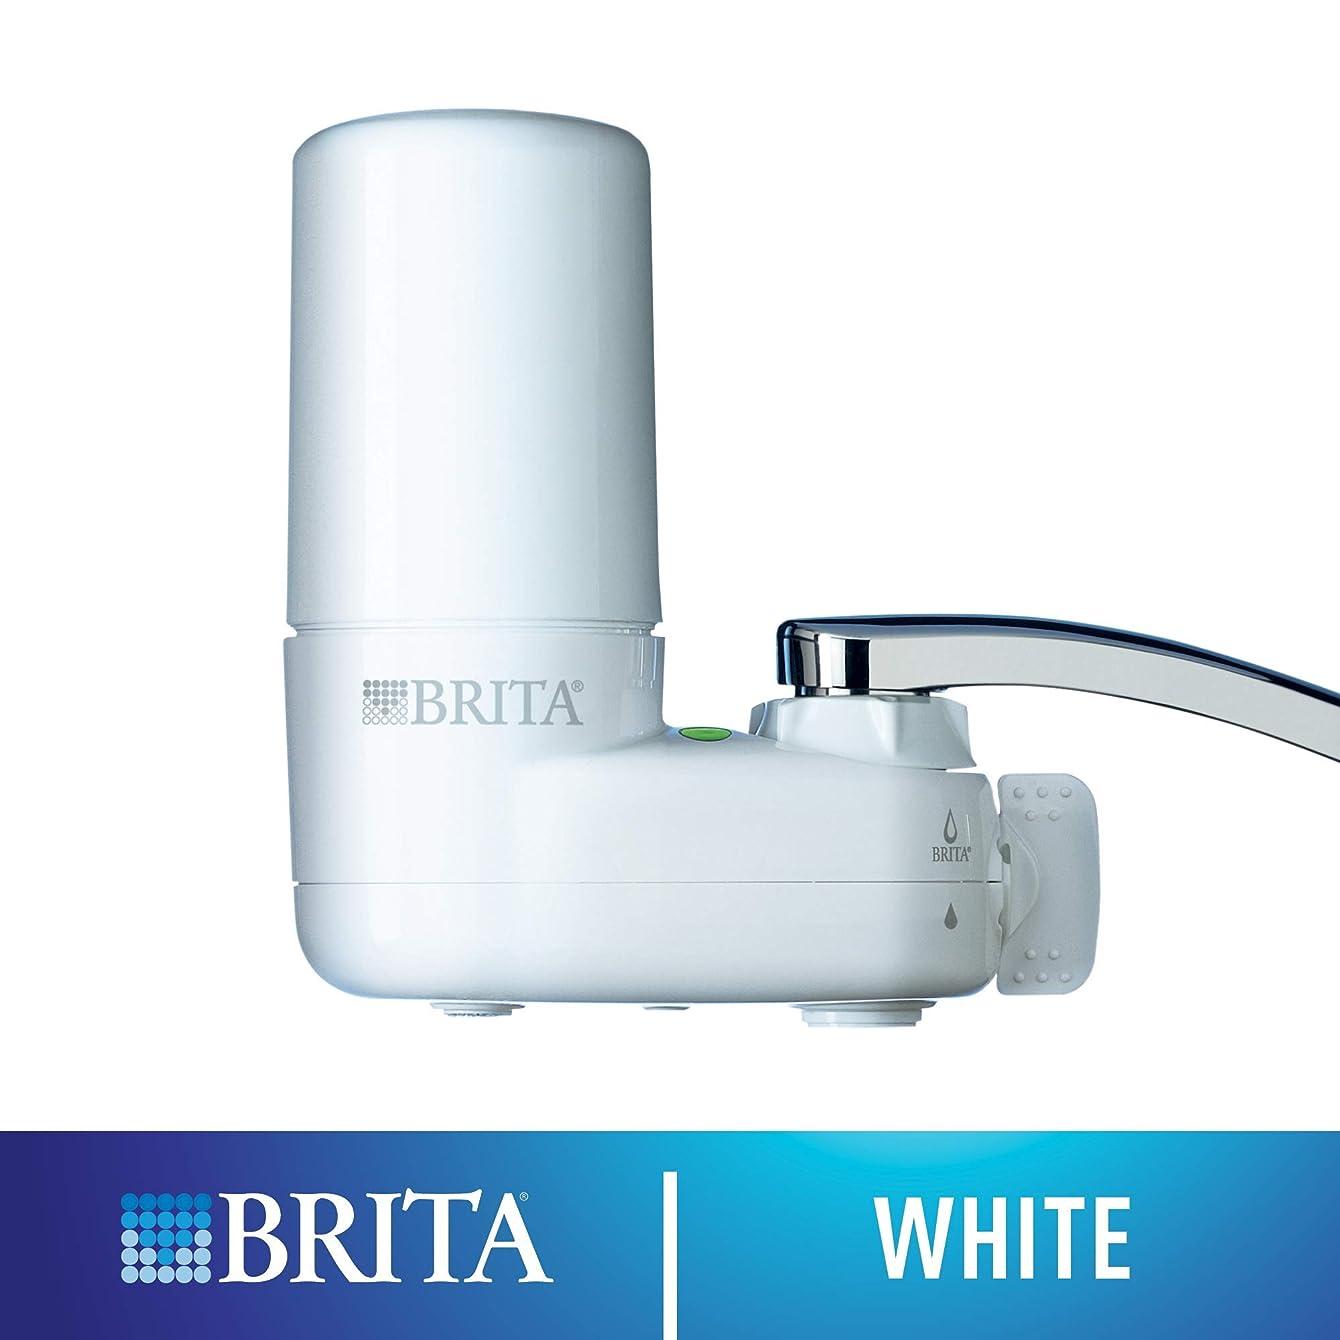 Brita Basic On Tap Faucet Water Filter System (Renewed)